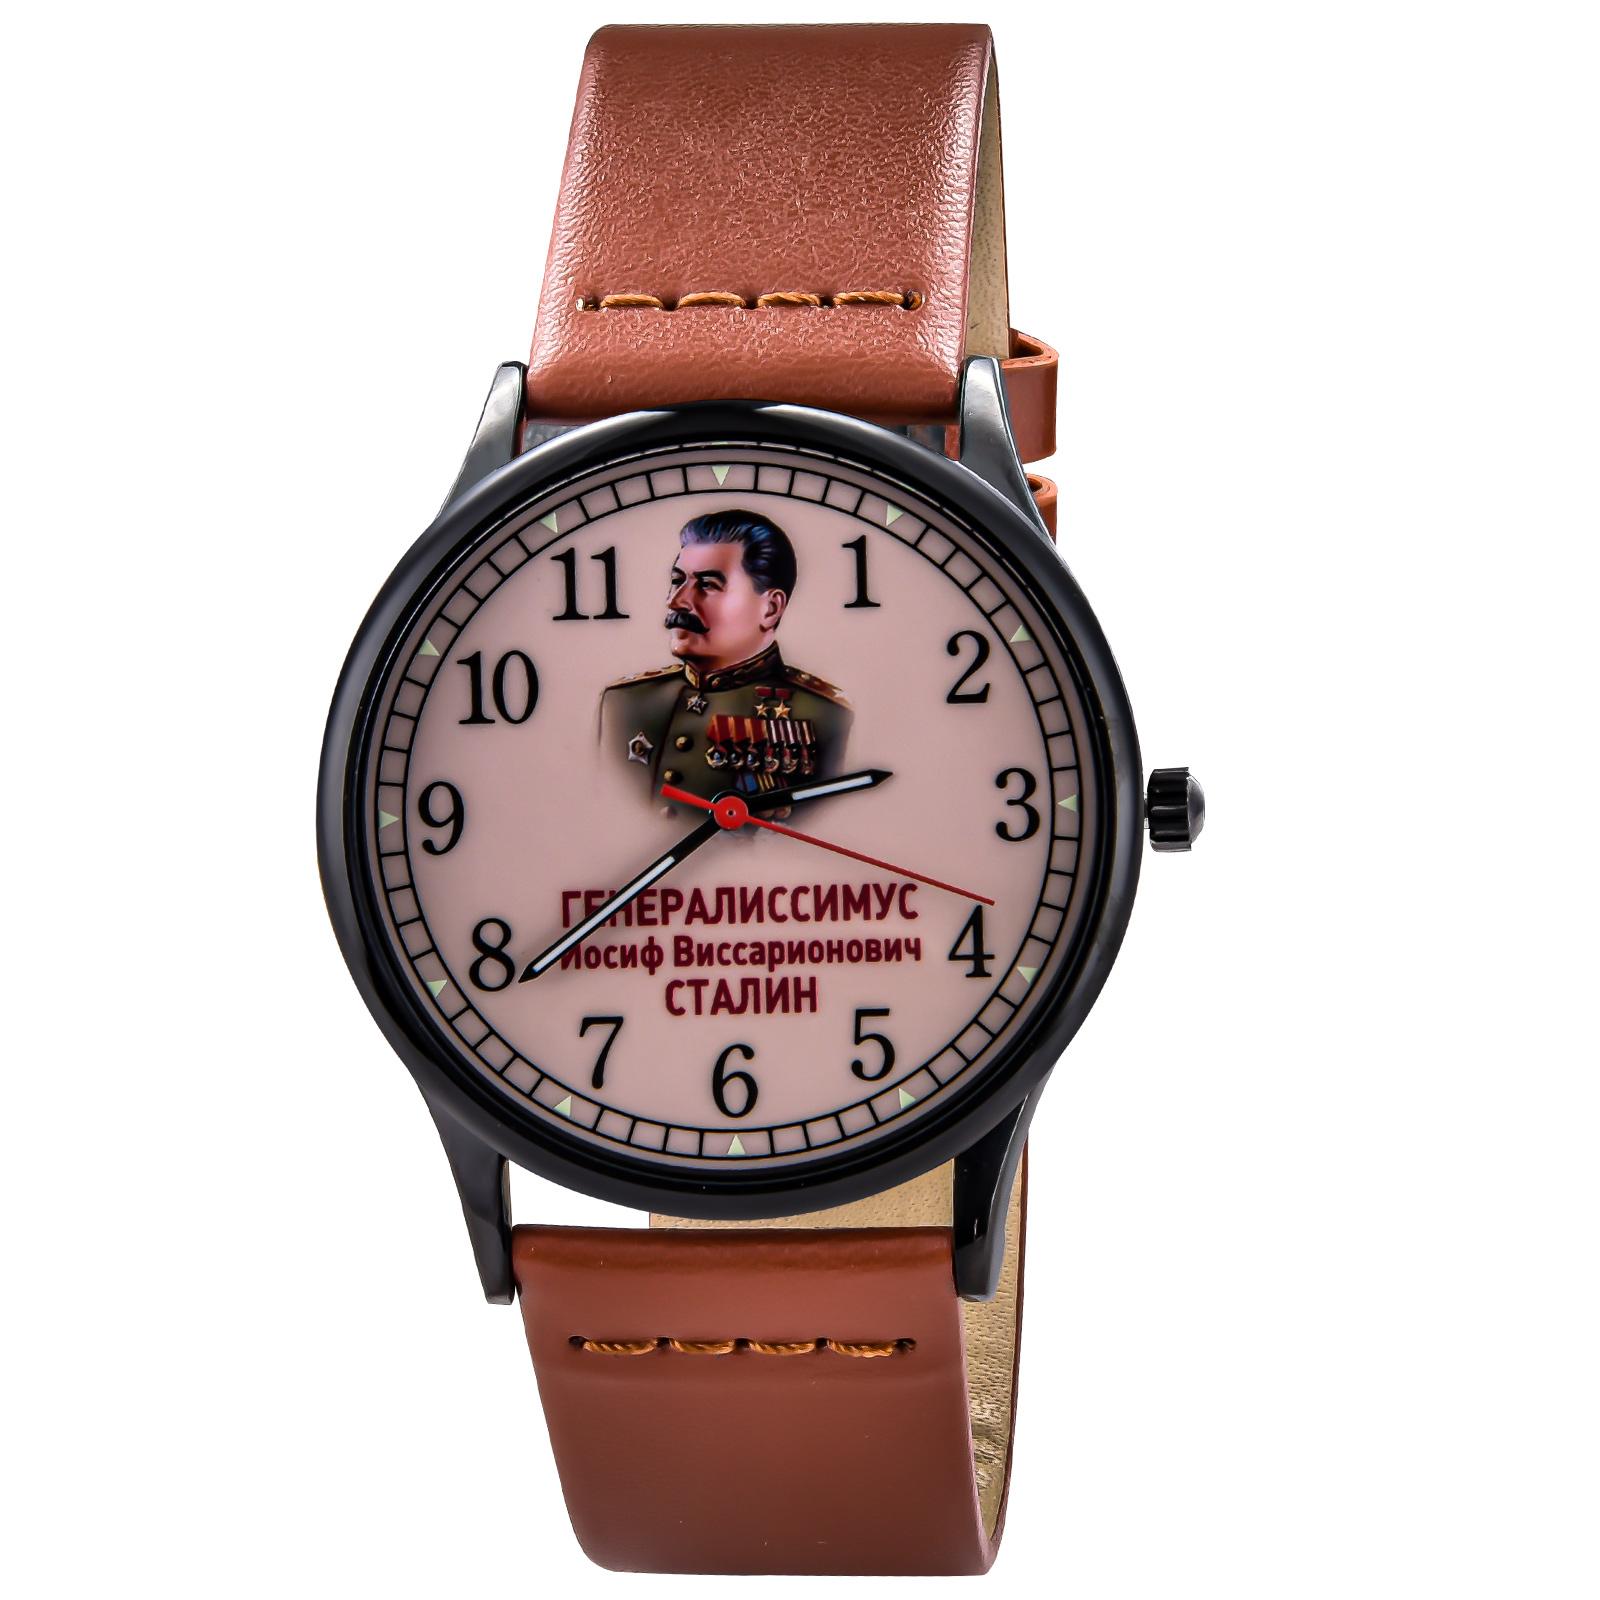 Наручные часы Сталин